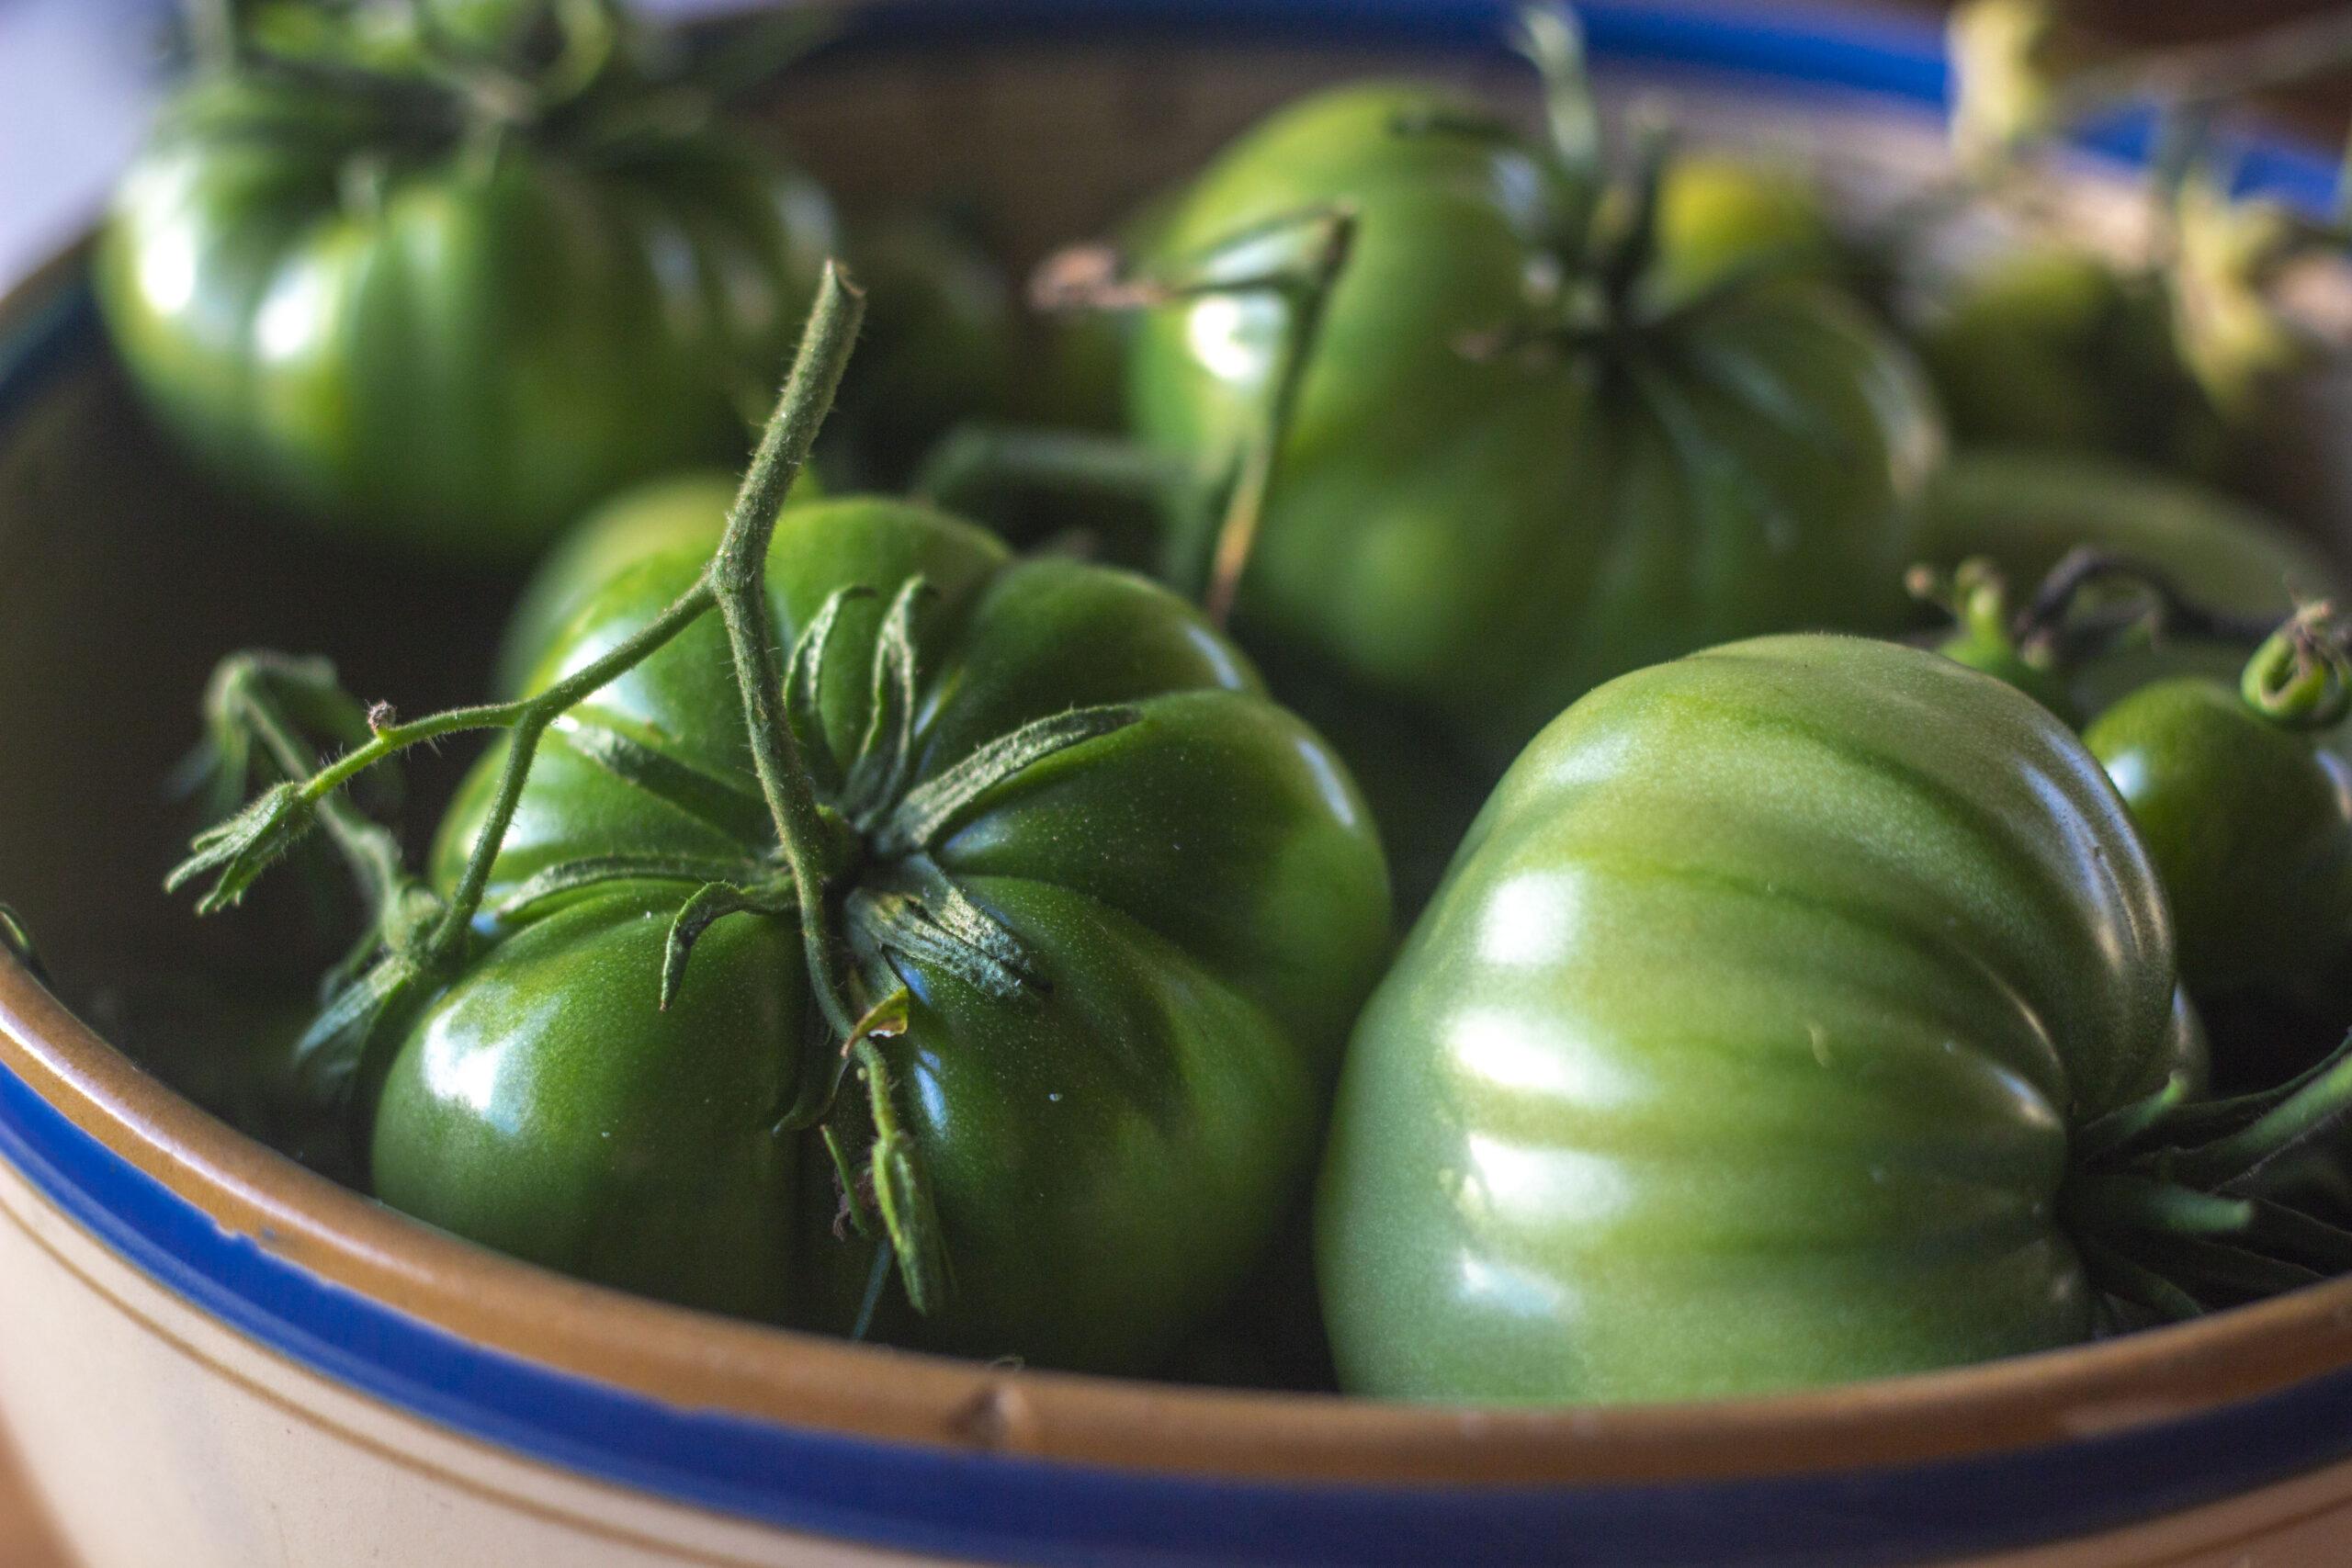 Hvad bruger man syltede grønne tomater til